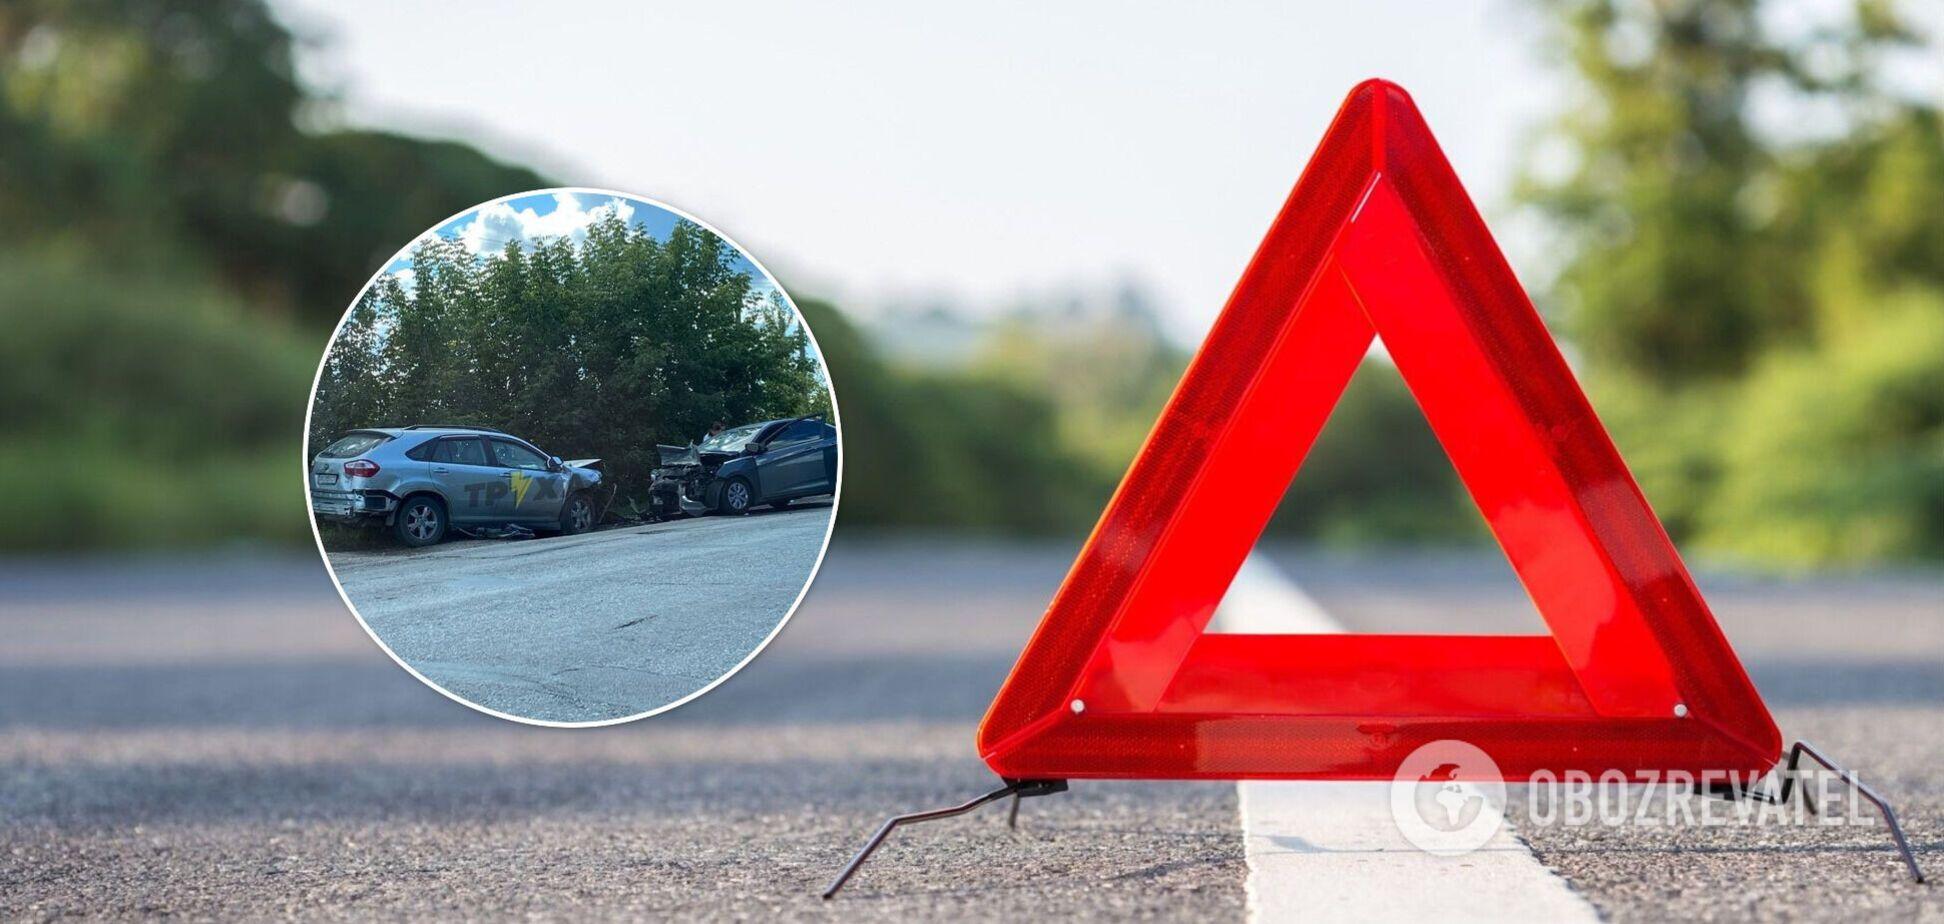 Под Харьковом авто вылетело на встречку и попало в ДТП, погибла женщина. Фото и видео